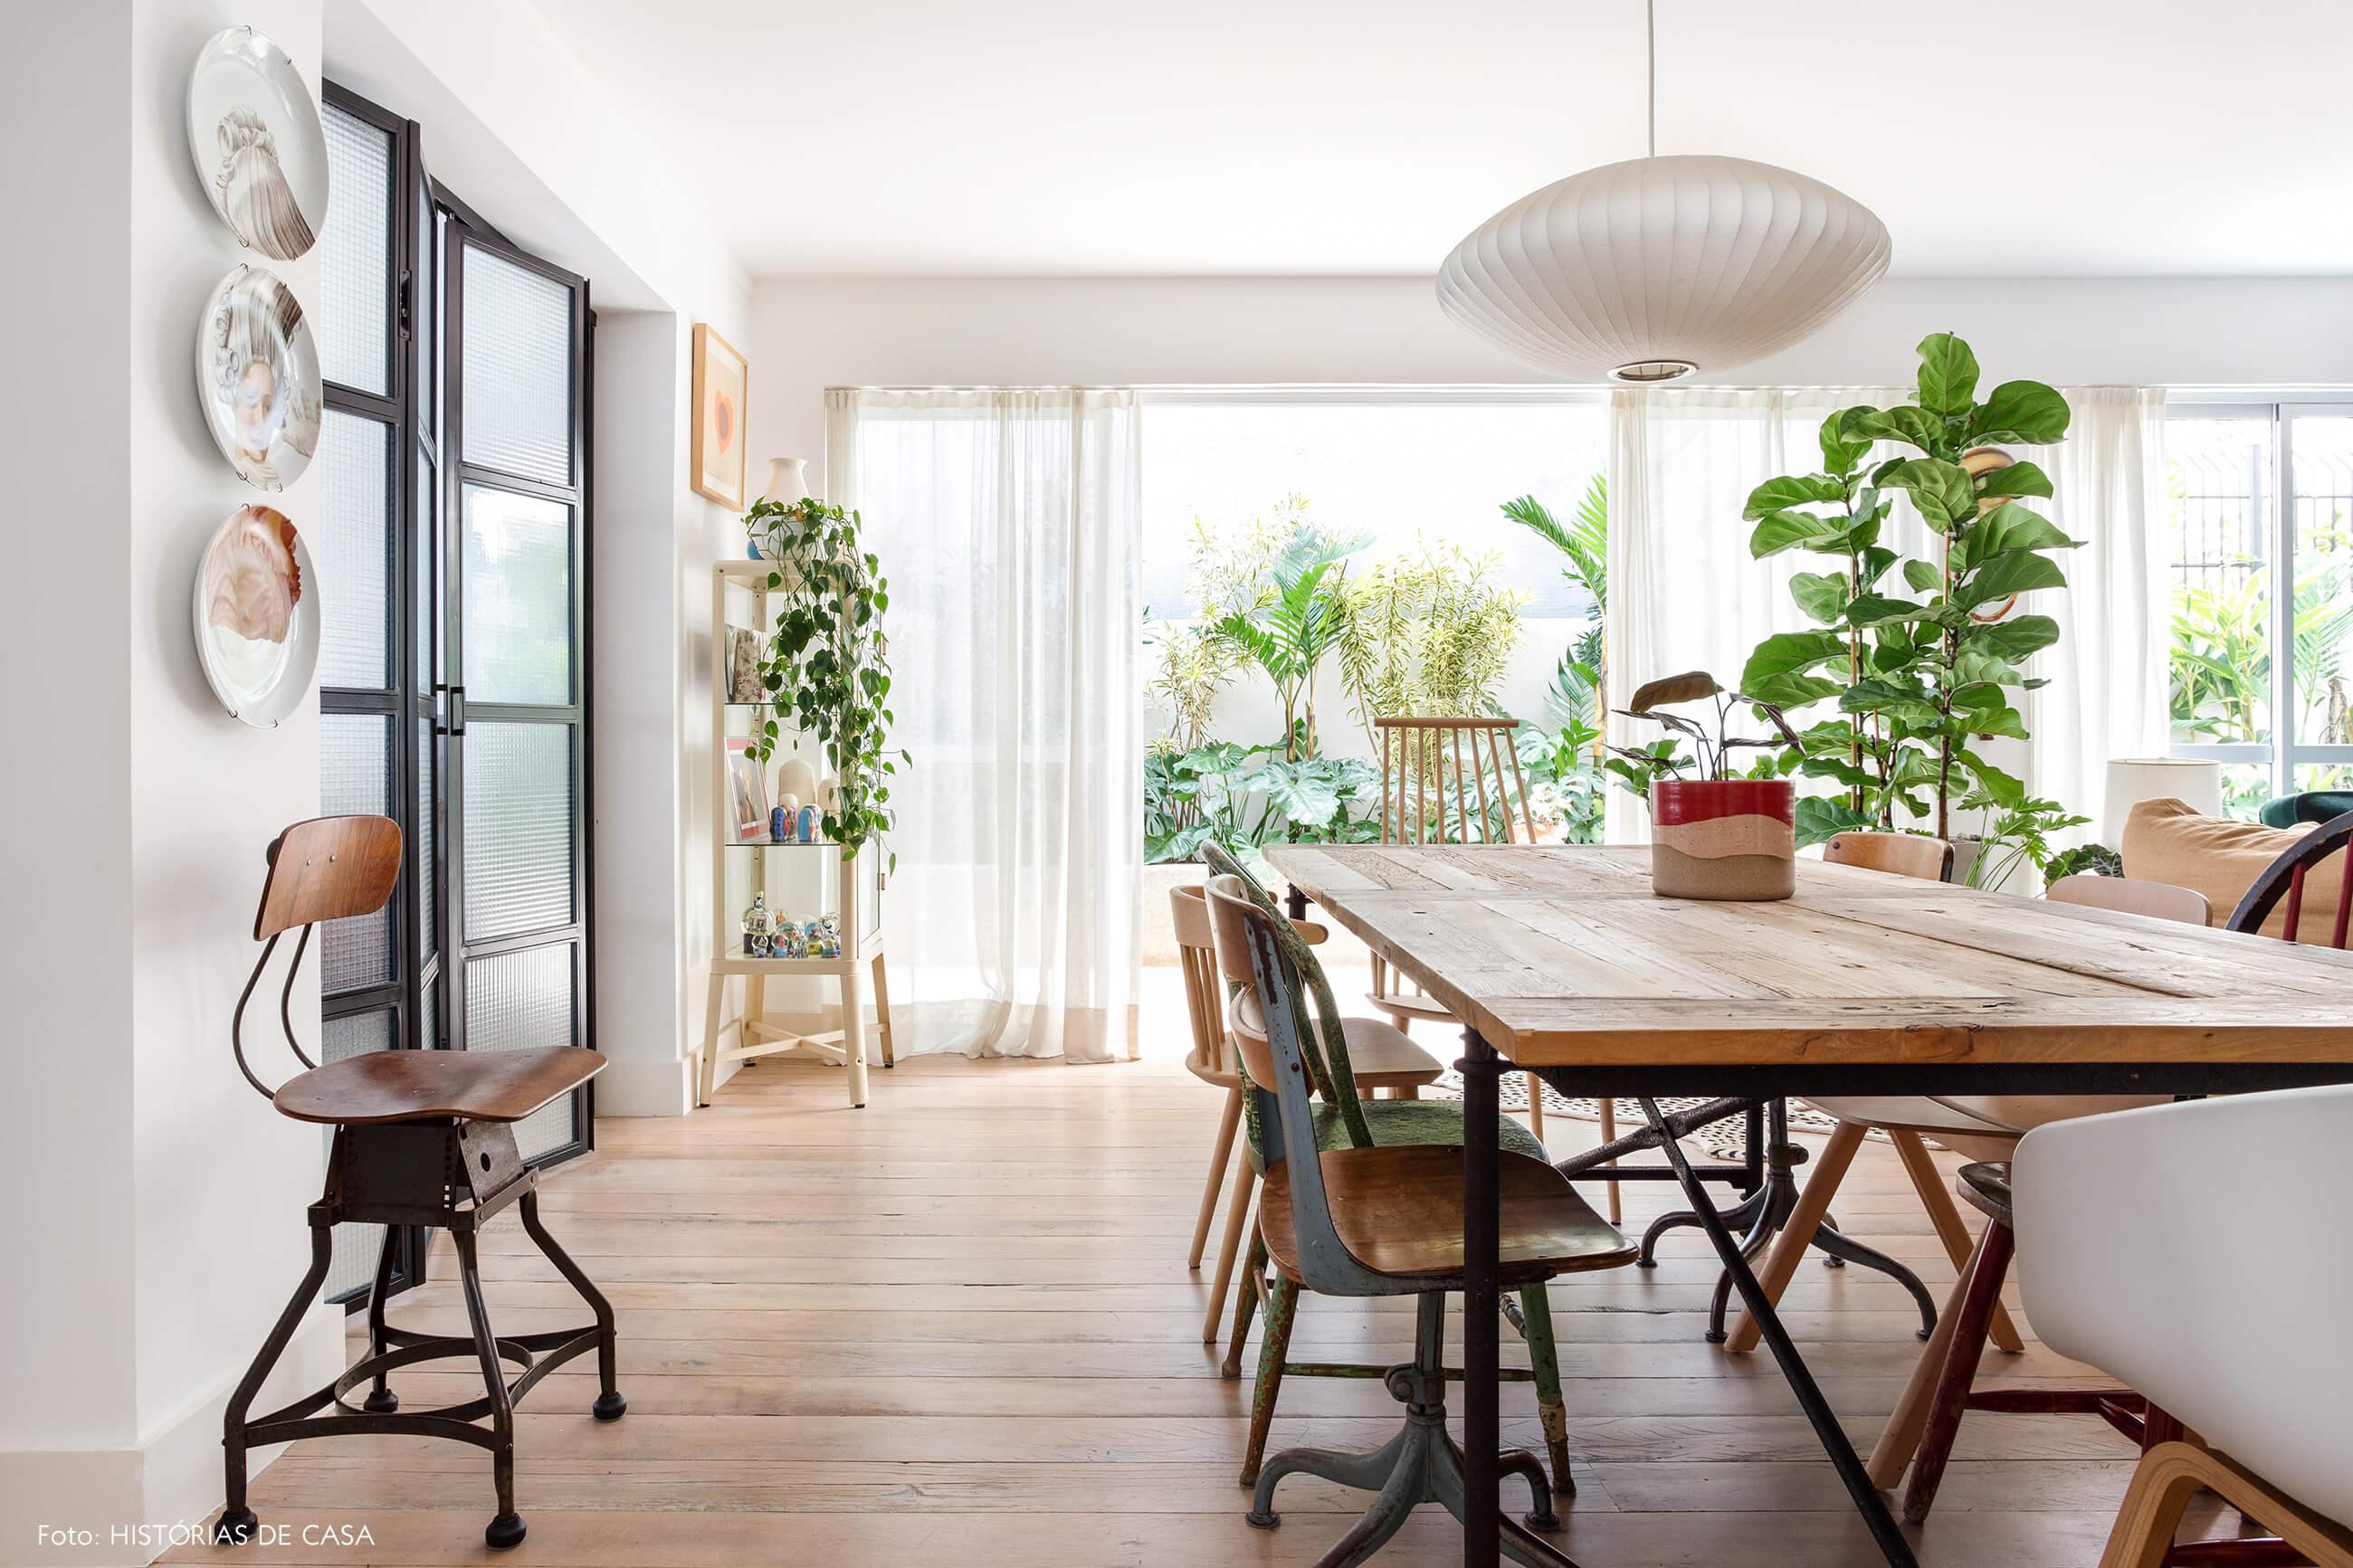 Sala de jantar com mesa de estilo industrial